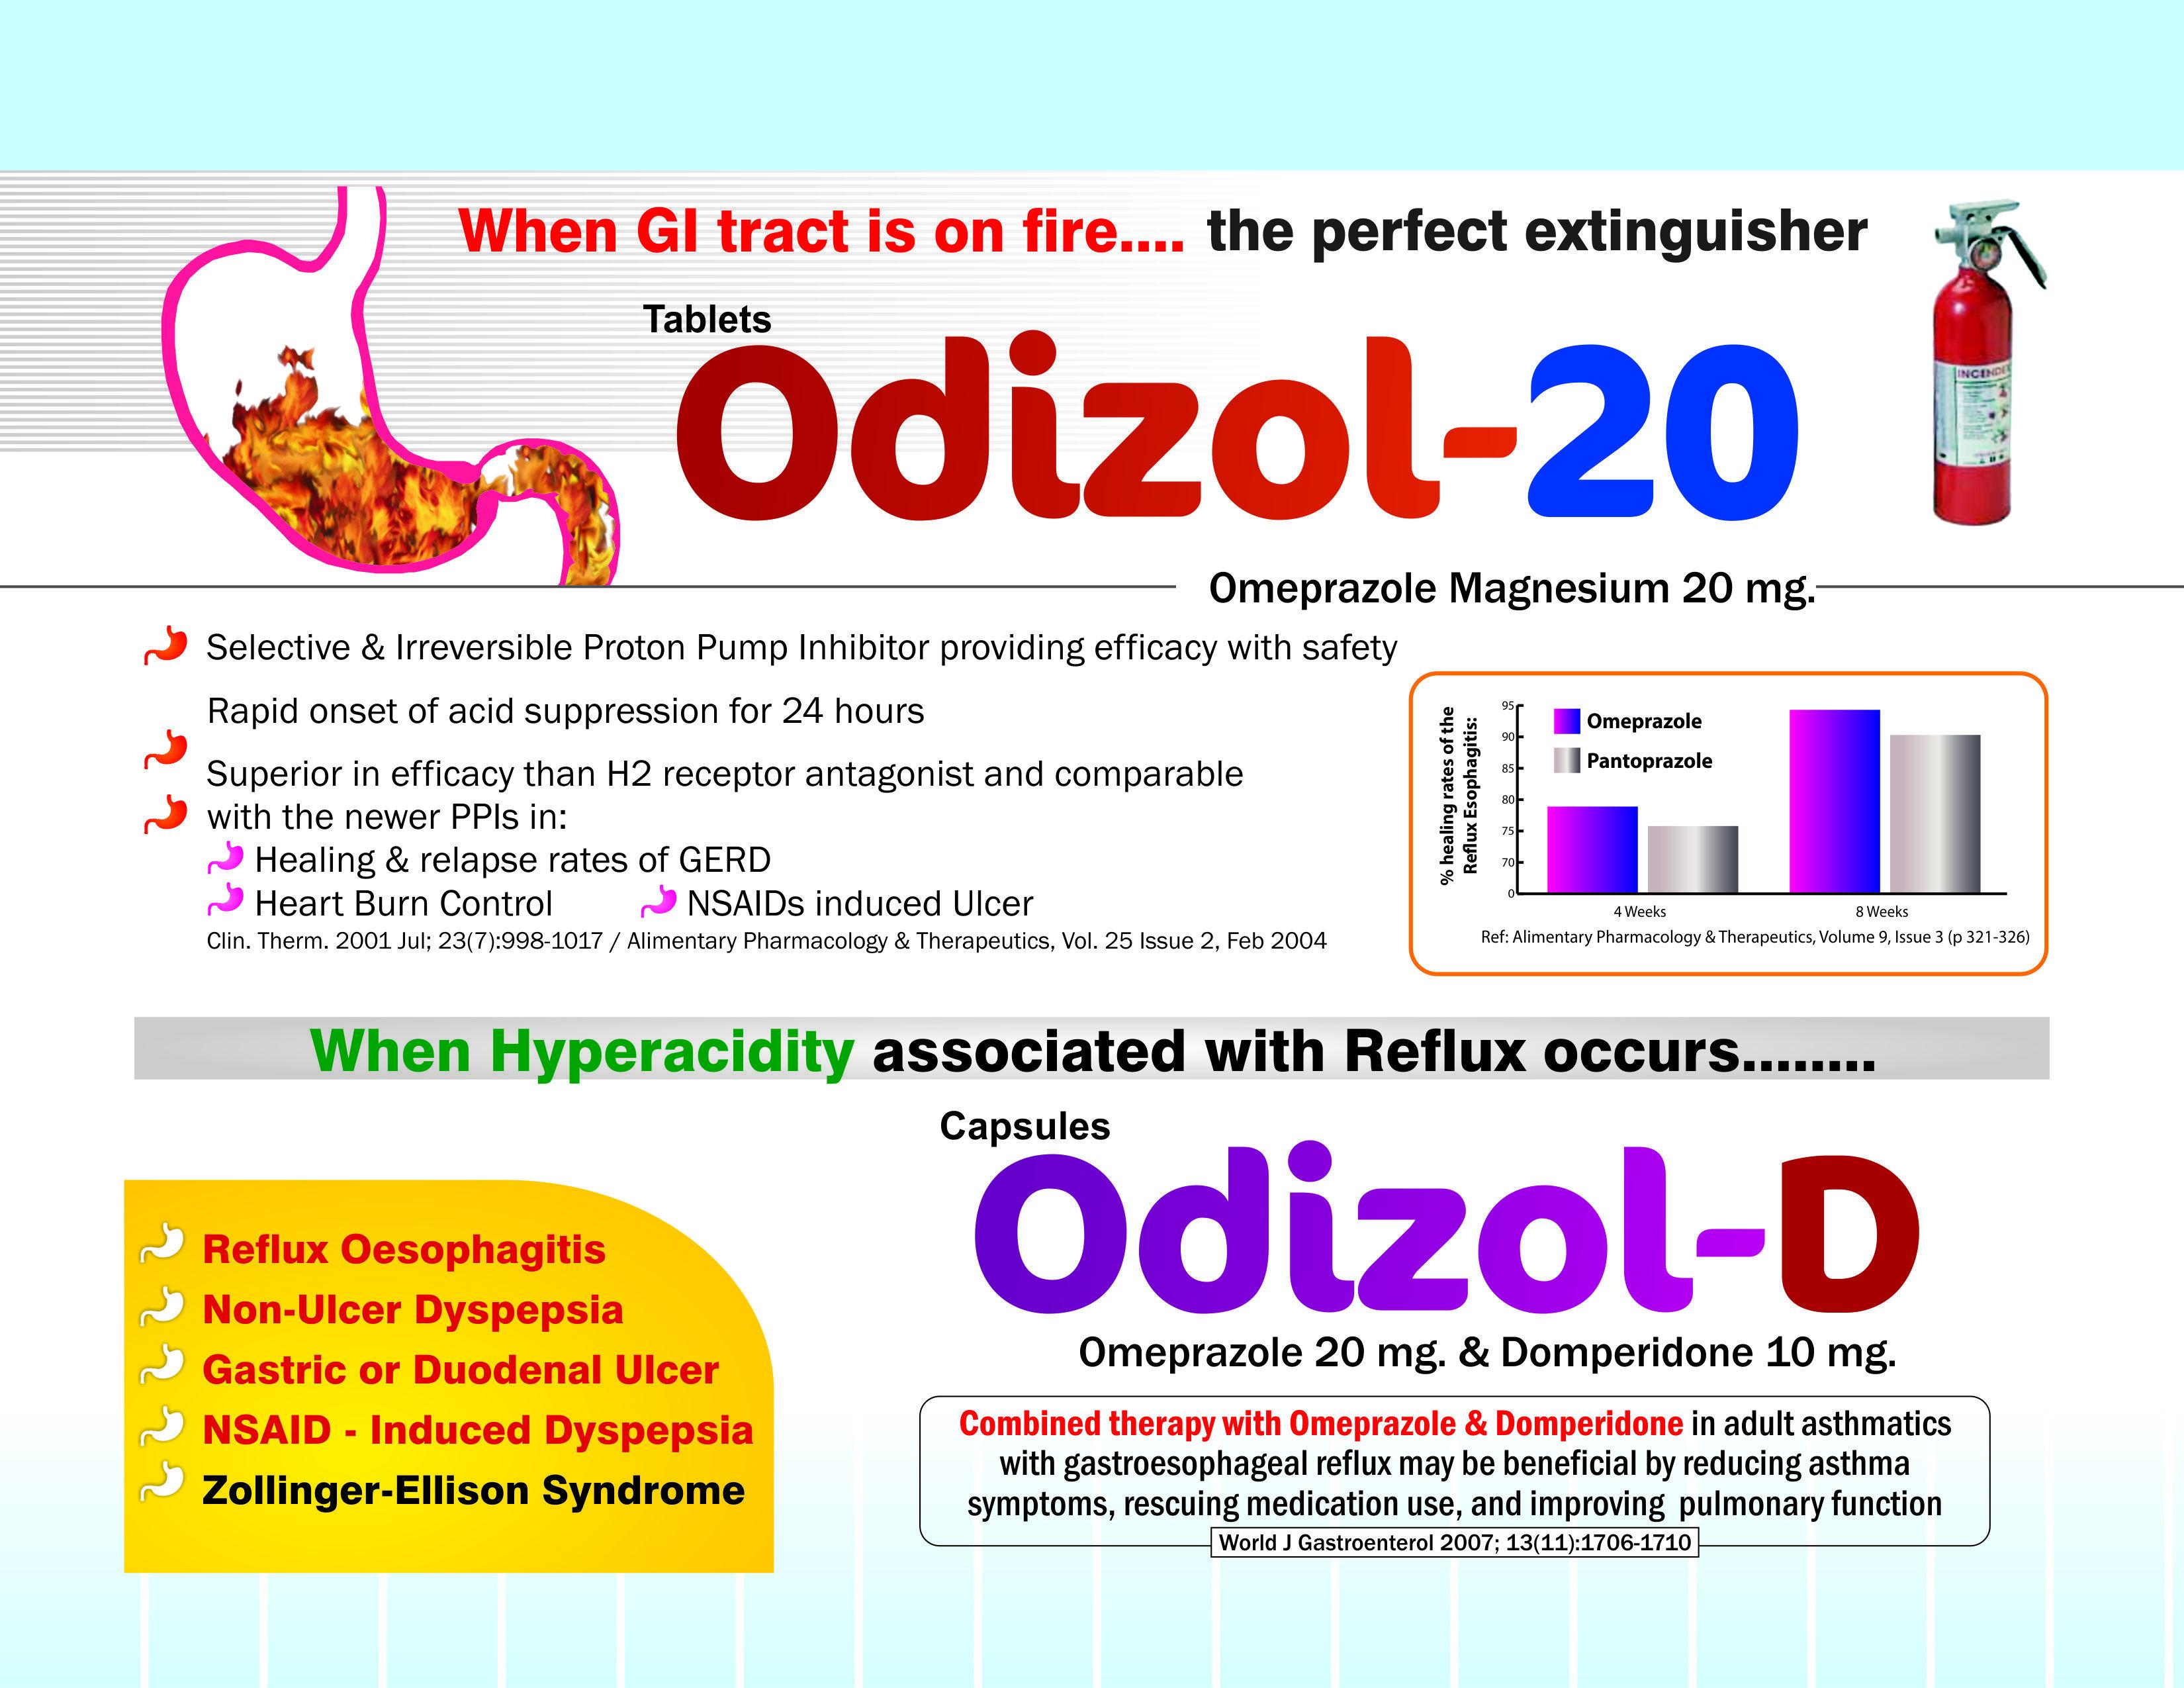 Omeprazole 20 mg & Domperidone 10 mg